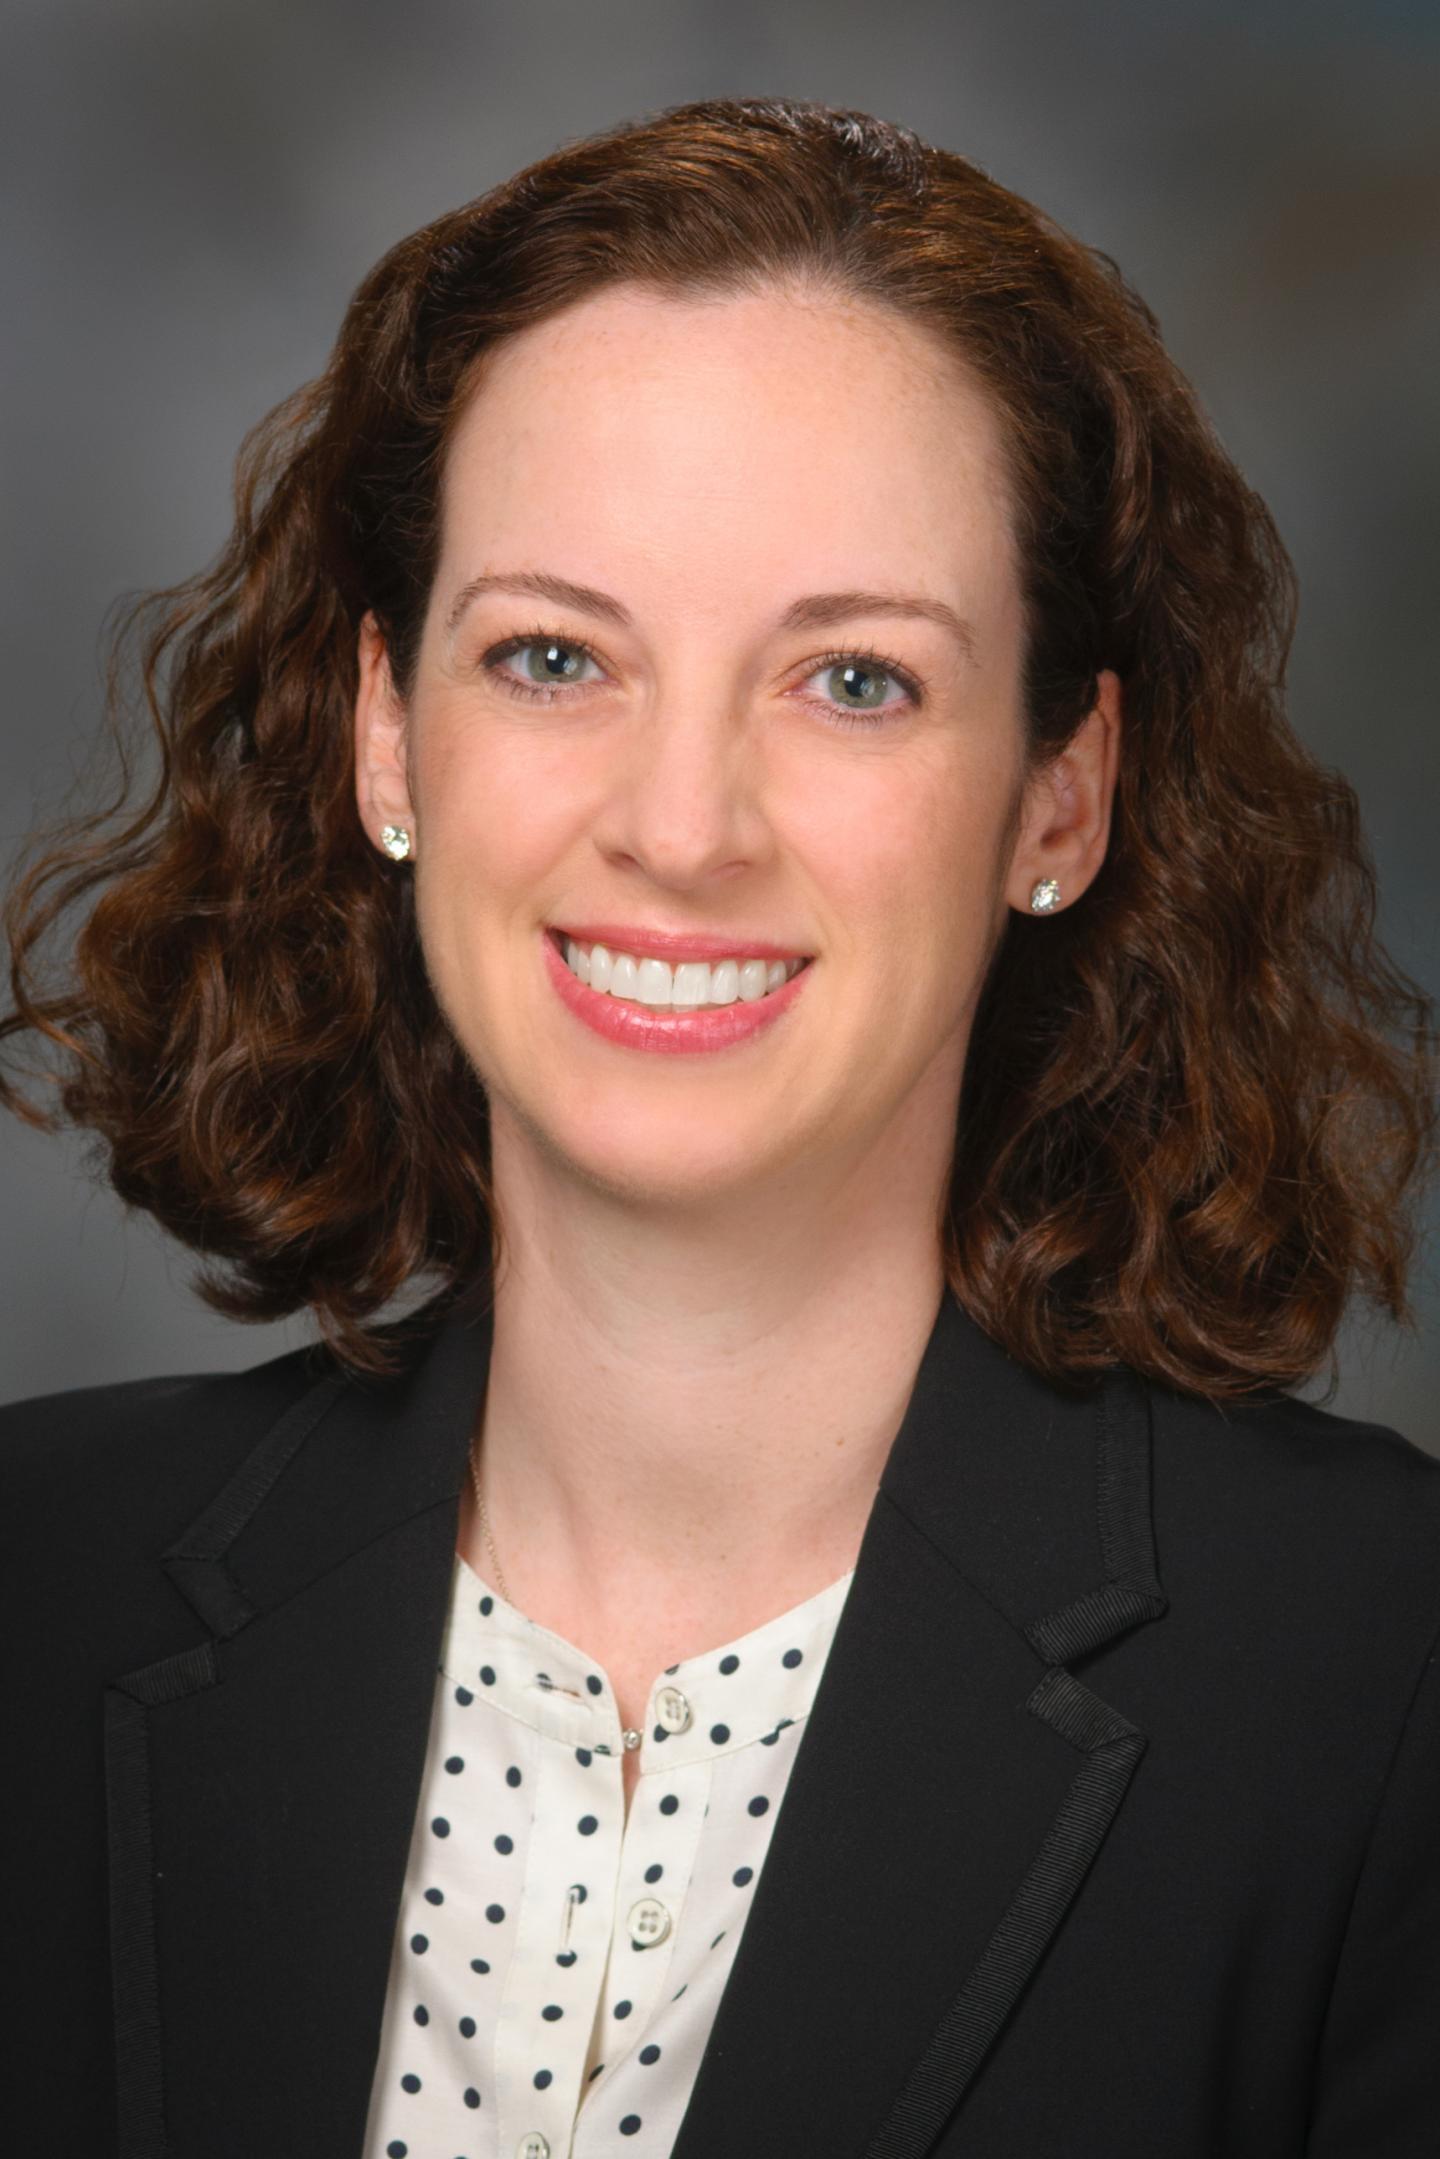 Lauren Averett Byers, University of Texas M. D. Anderson Cancer Center